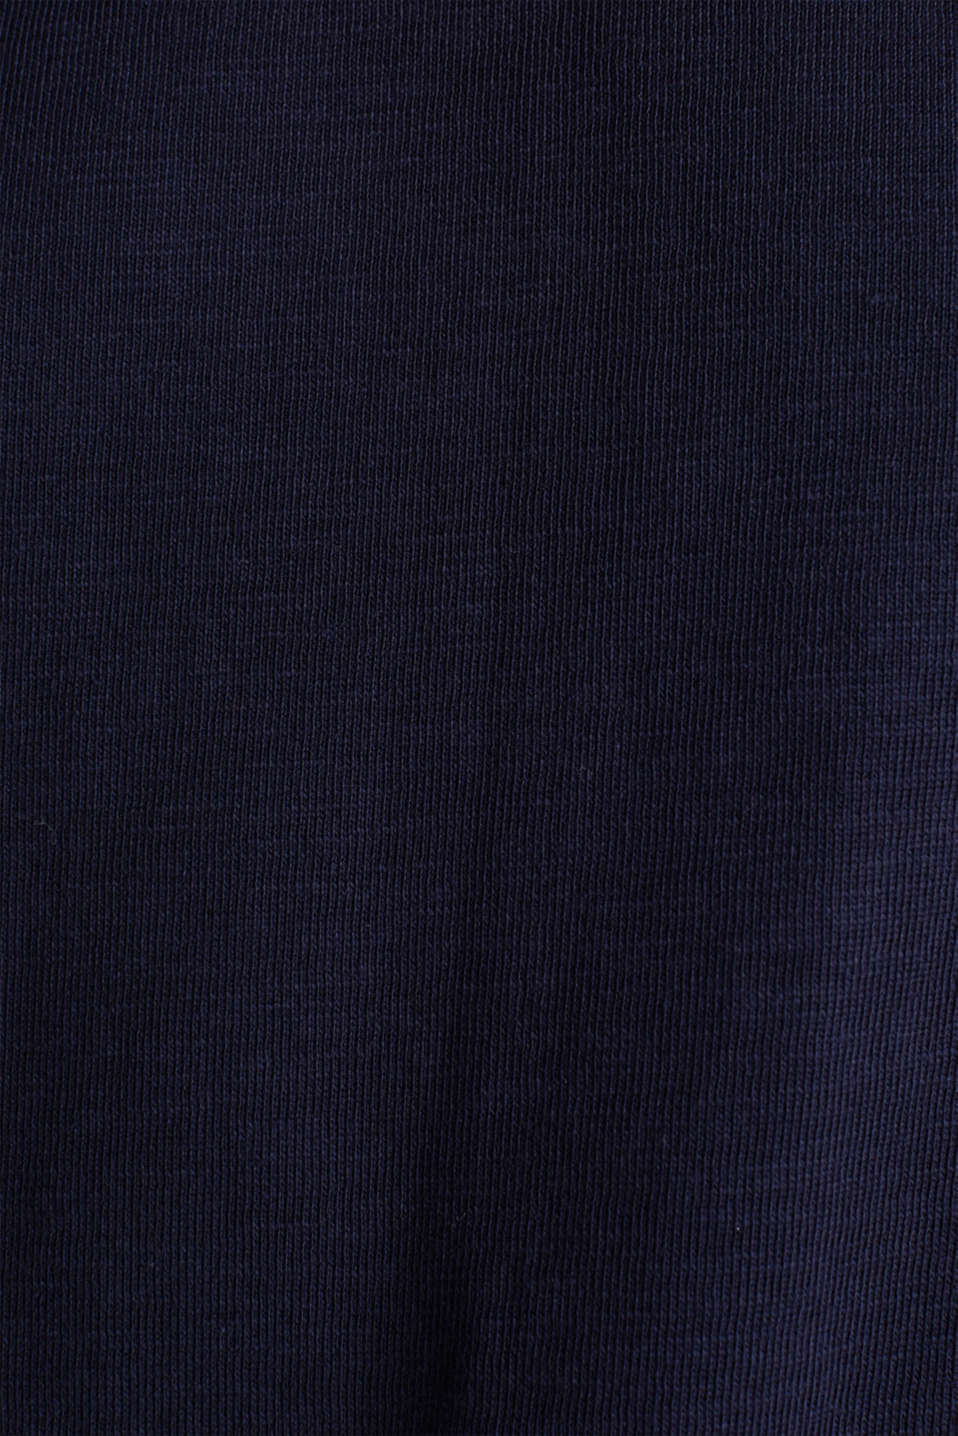 Slub sweatshirt made of 100% organic cotton, NAVY, detail image number 4